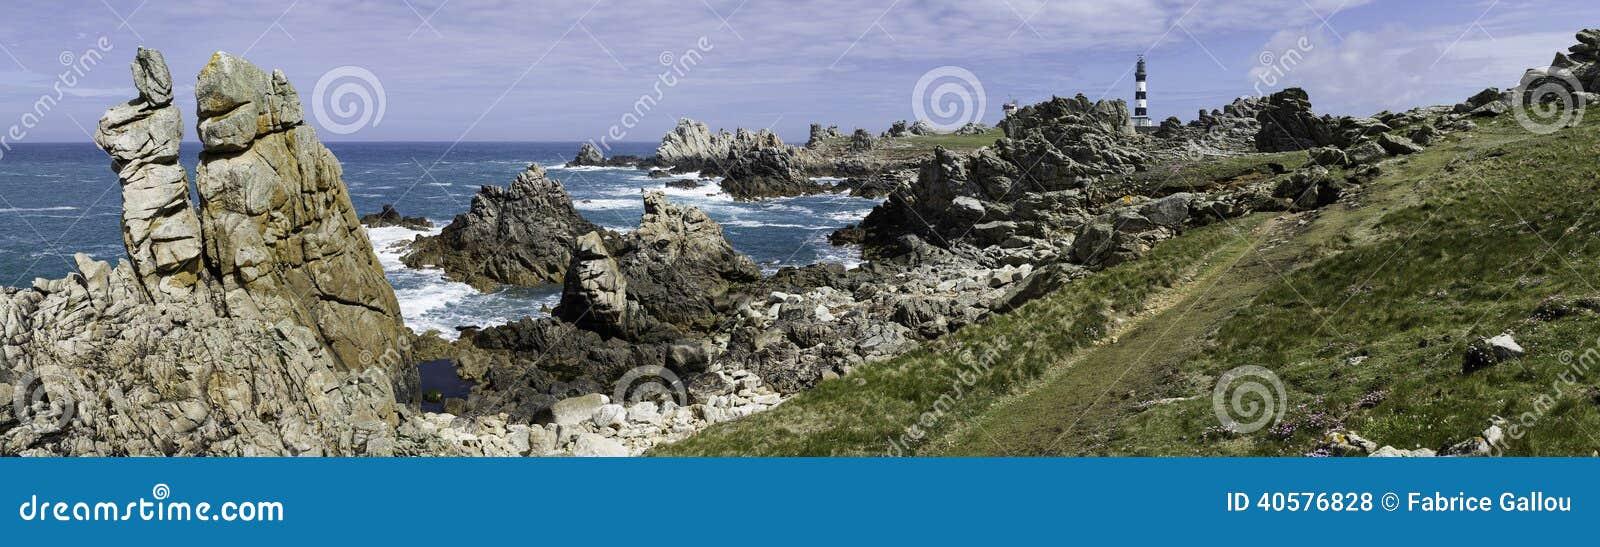 Paisagem litoral